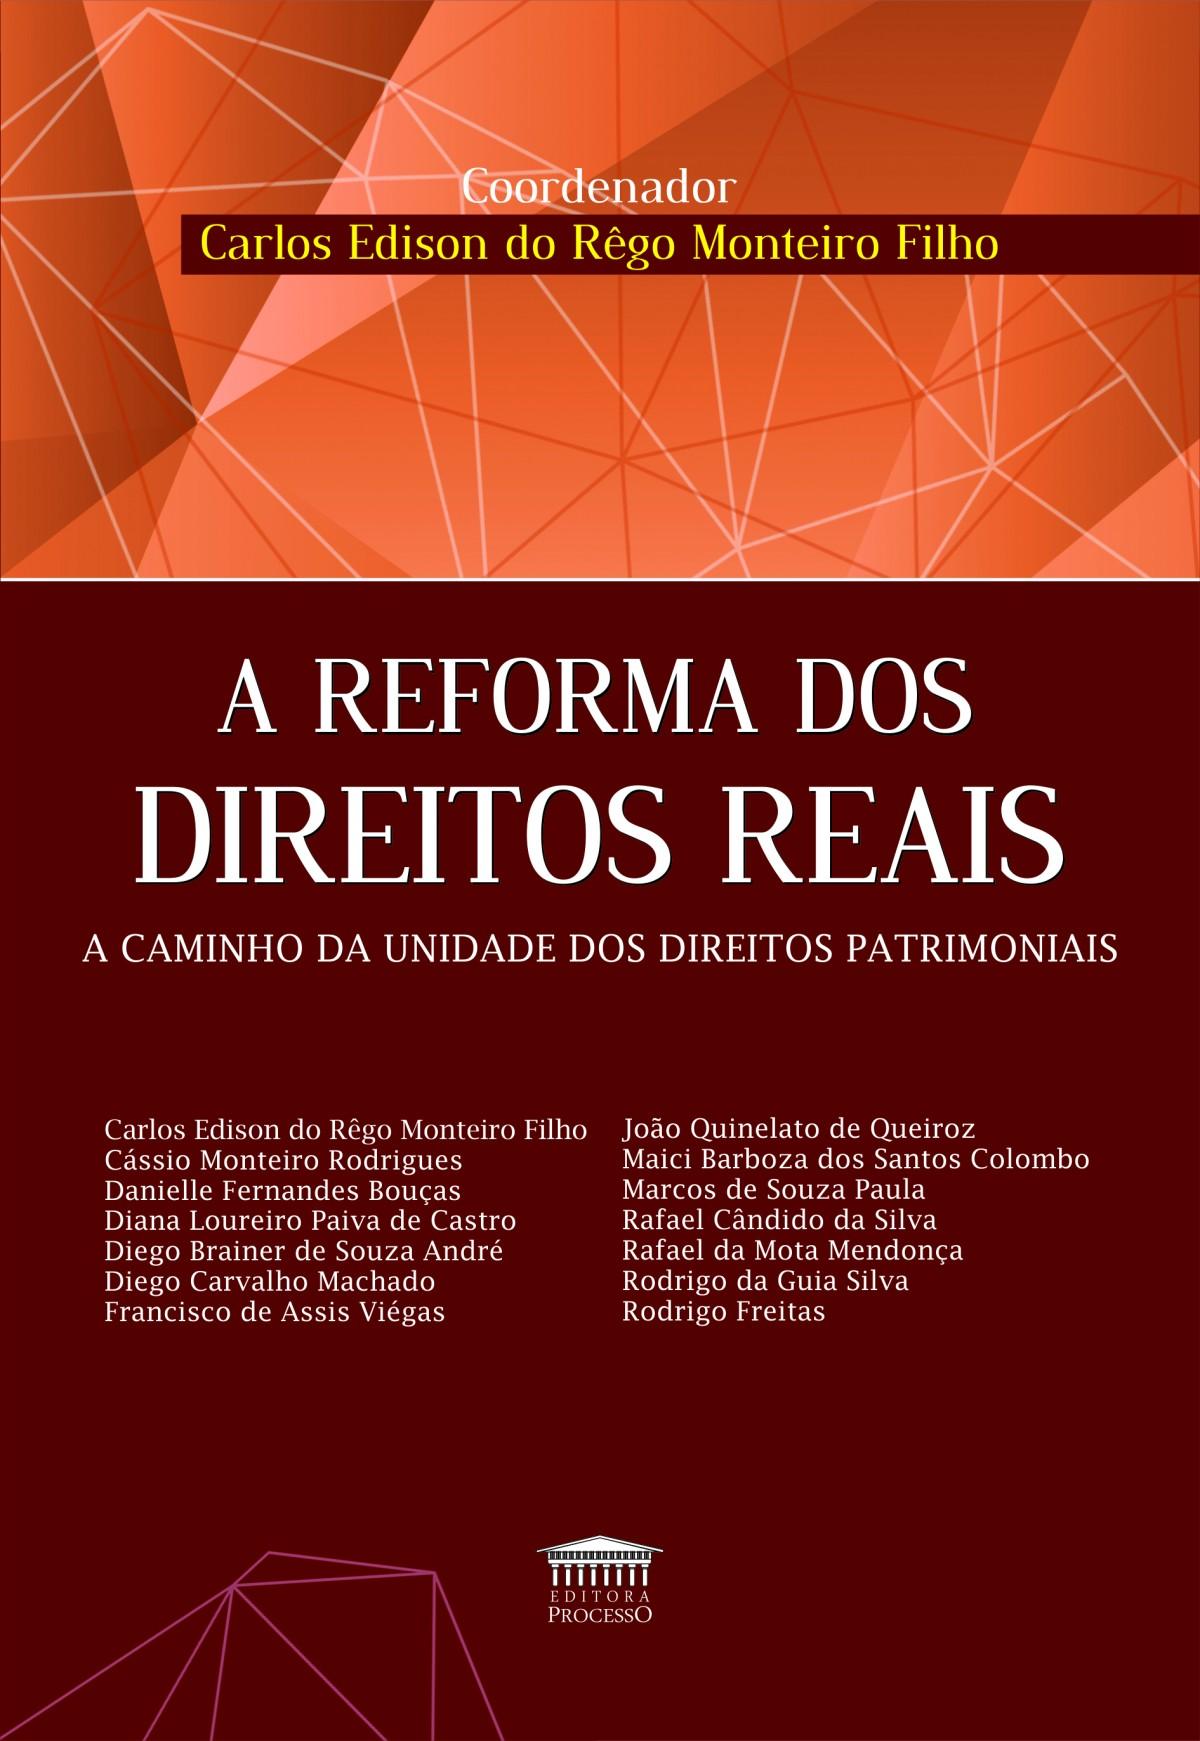 Foto 1 - A Reforma dos Direitos Reais - A caminho da unidade dos direitos patrimoniais